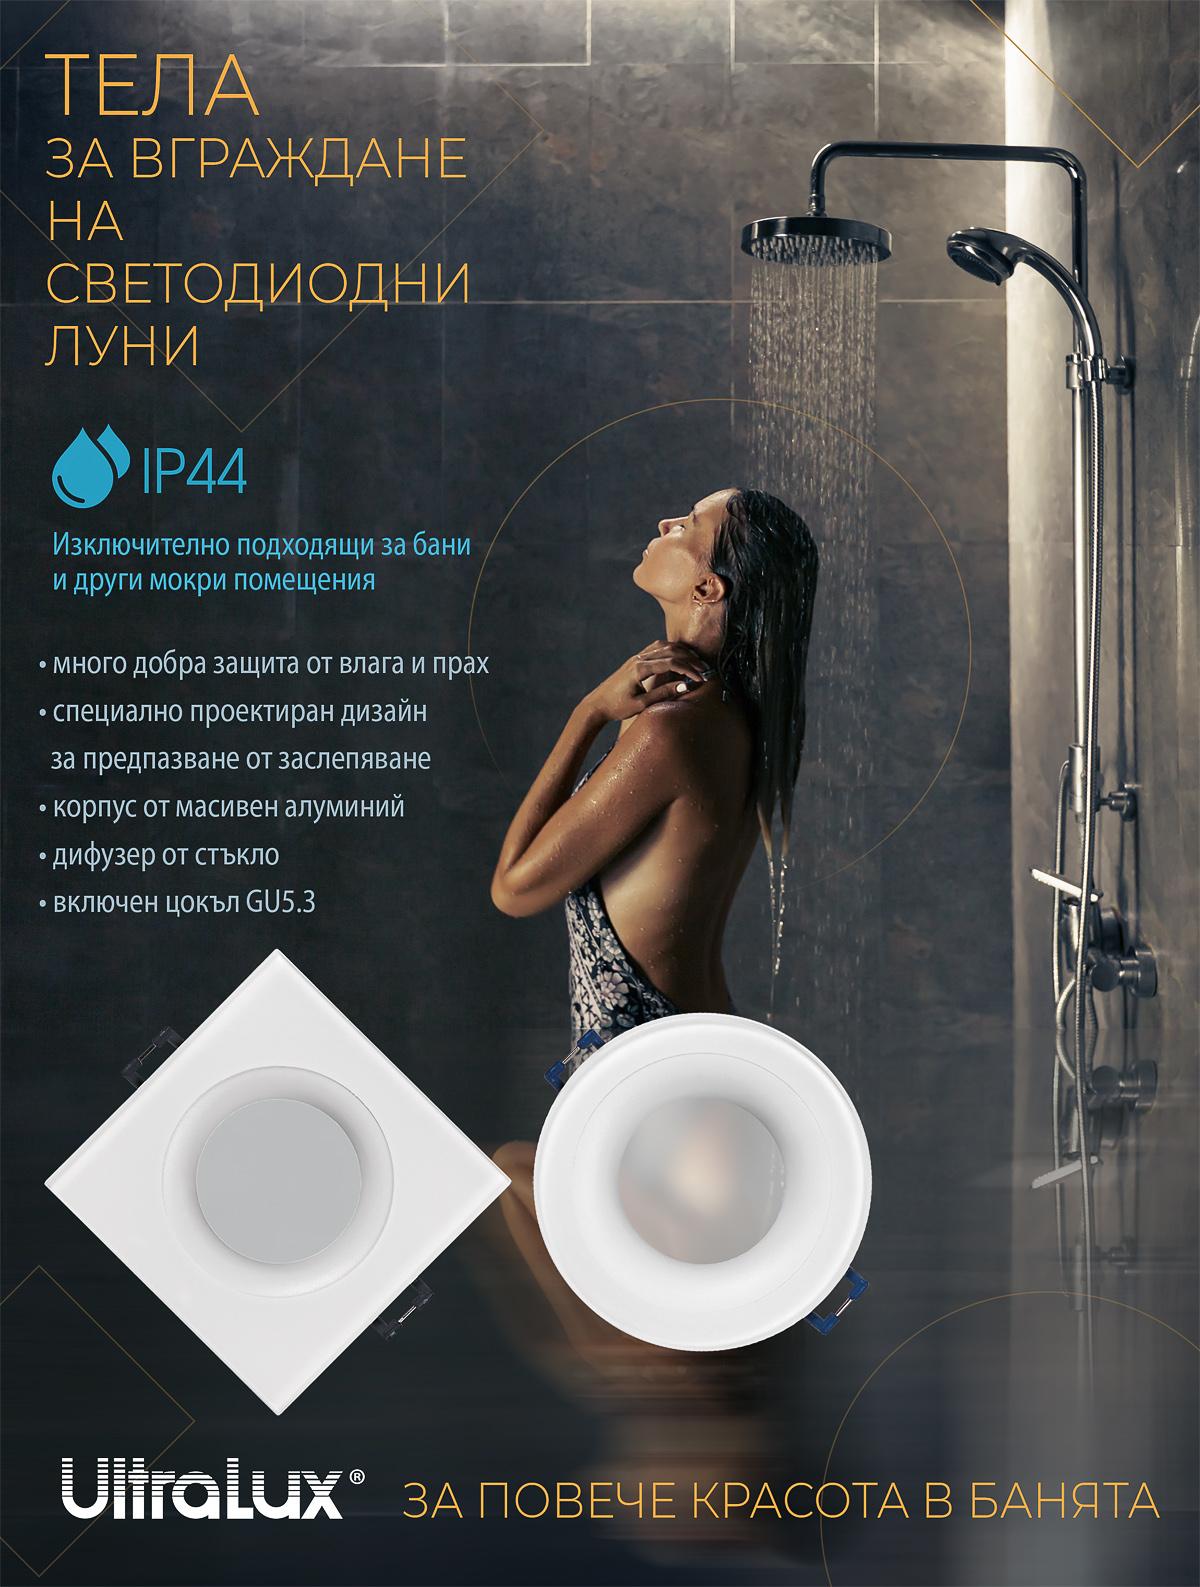 Елегантни и стилни тела за вграждане в банята